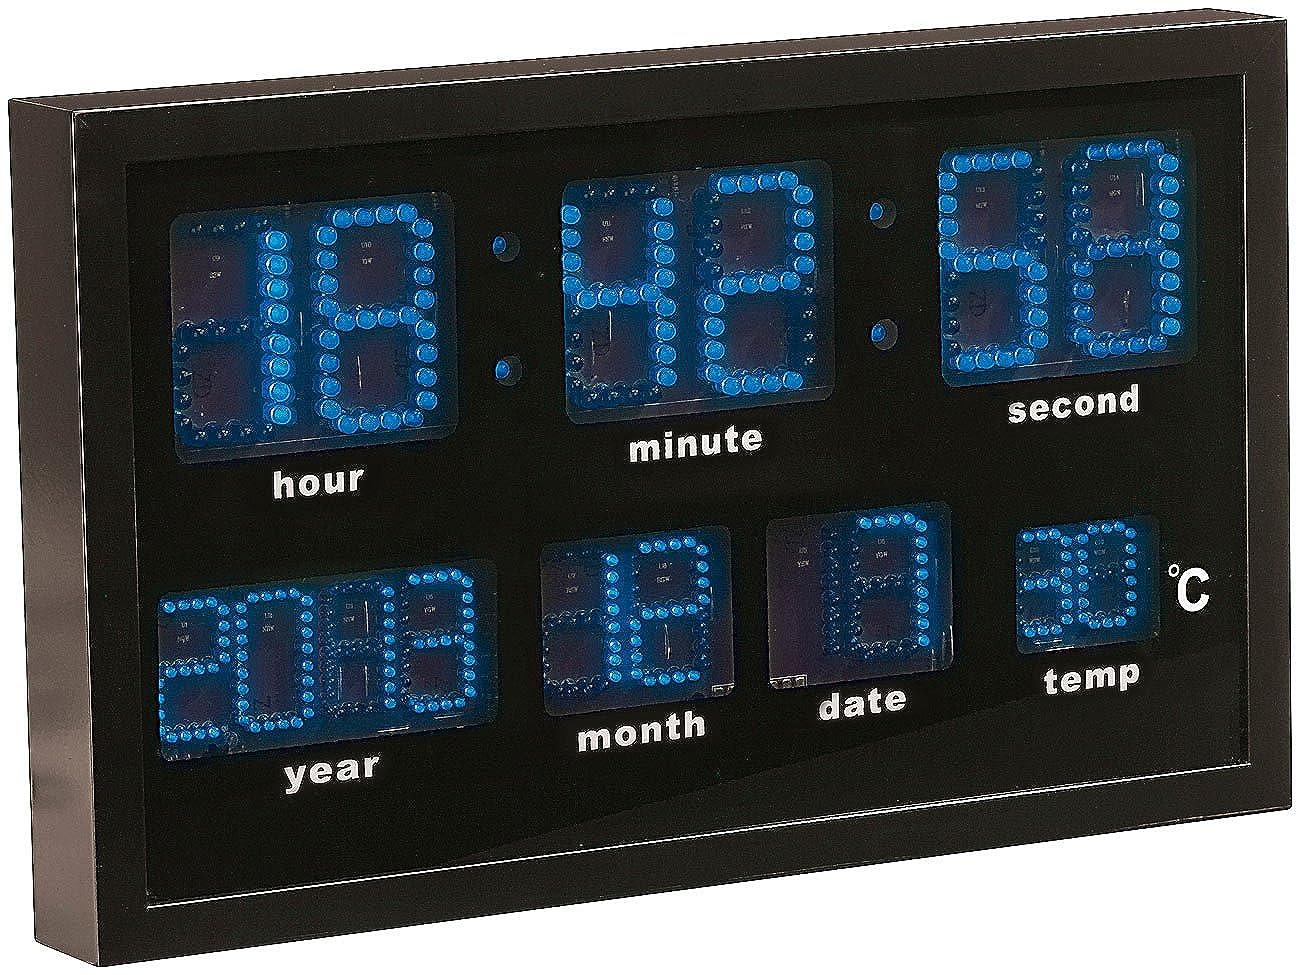 Lunartec LED Funk Wanduhren  Multi-LED-Funk-Uhr mit mit mit Datum und Temperatur, 412 blaue LEDs (Wanduhr Digital) 0cf455